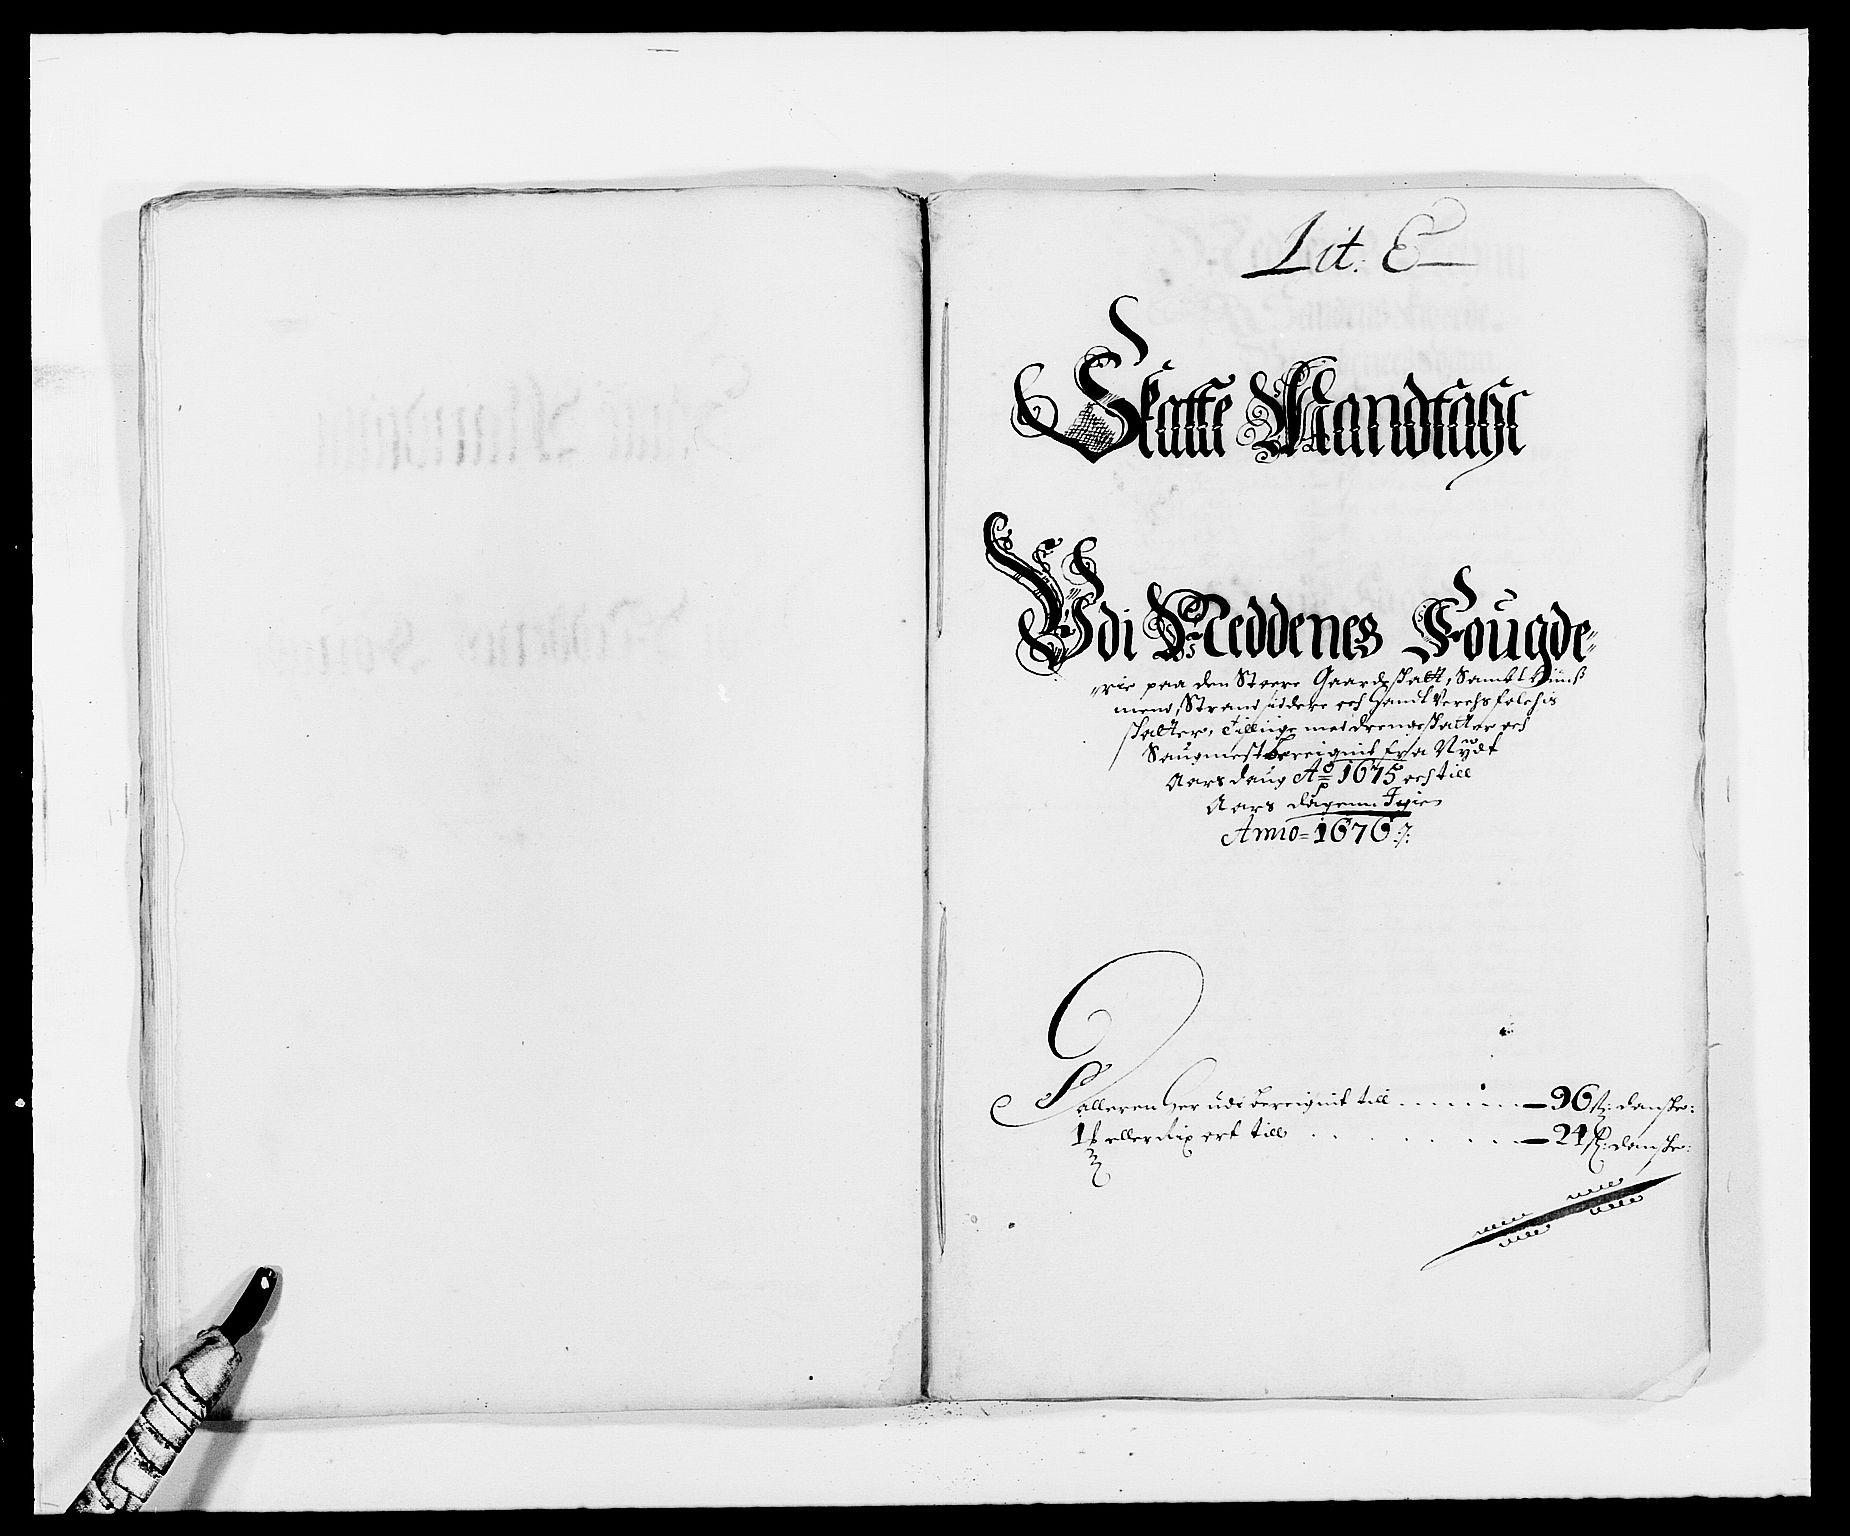 RA, Rentekammeret inntil 1814, Reviderte regnskaper, Fogderegnskap, R39/L2301: Fogderegnskap Nedenes, 1675-1676, s. 92